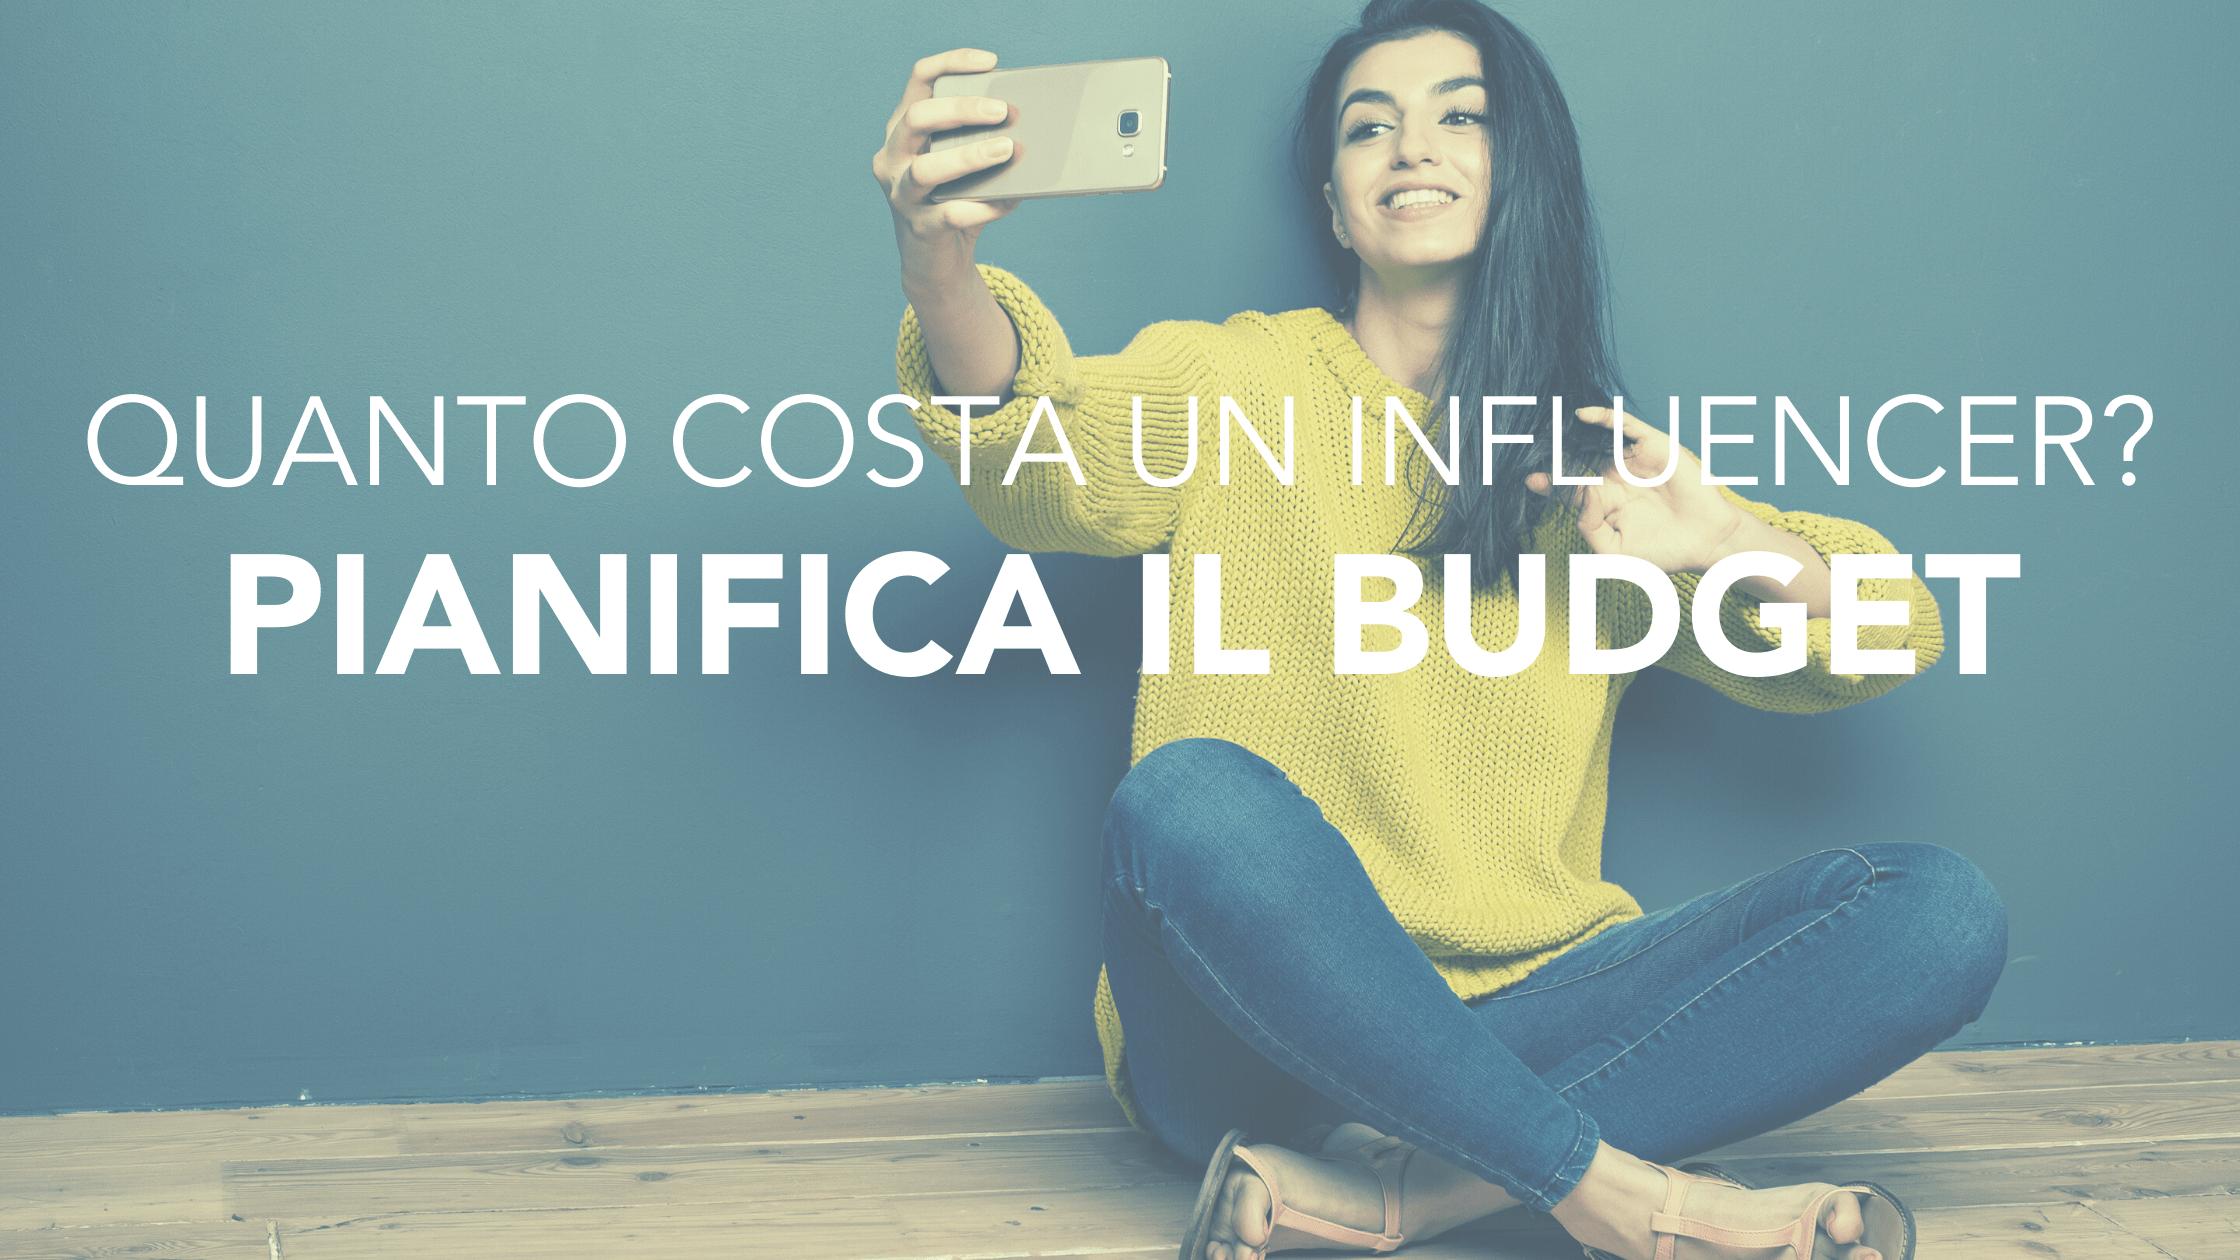 Virality: Come pianificare il budget per l'influencer marketing? Guida completa